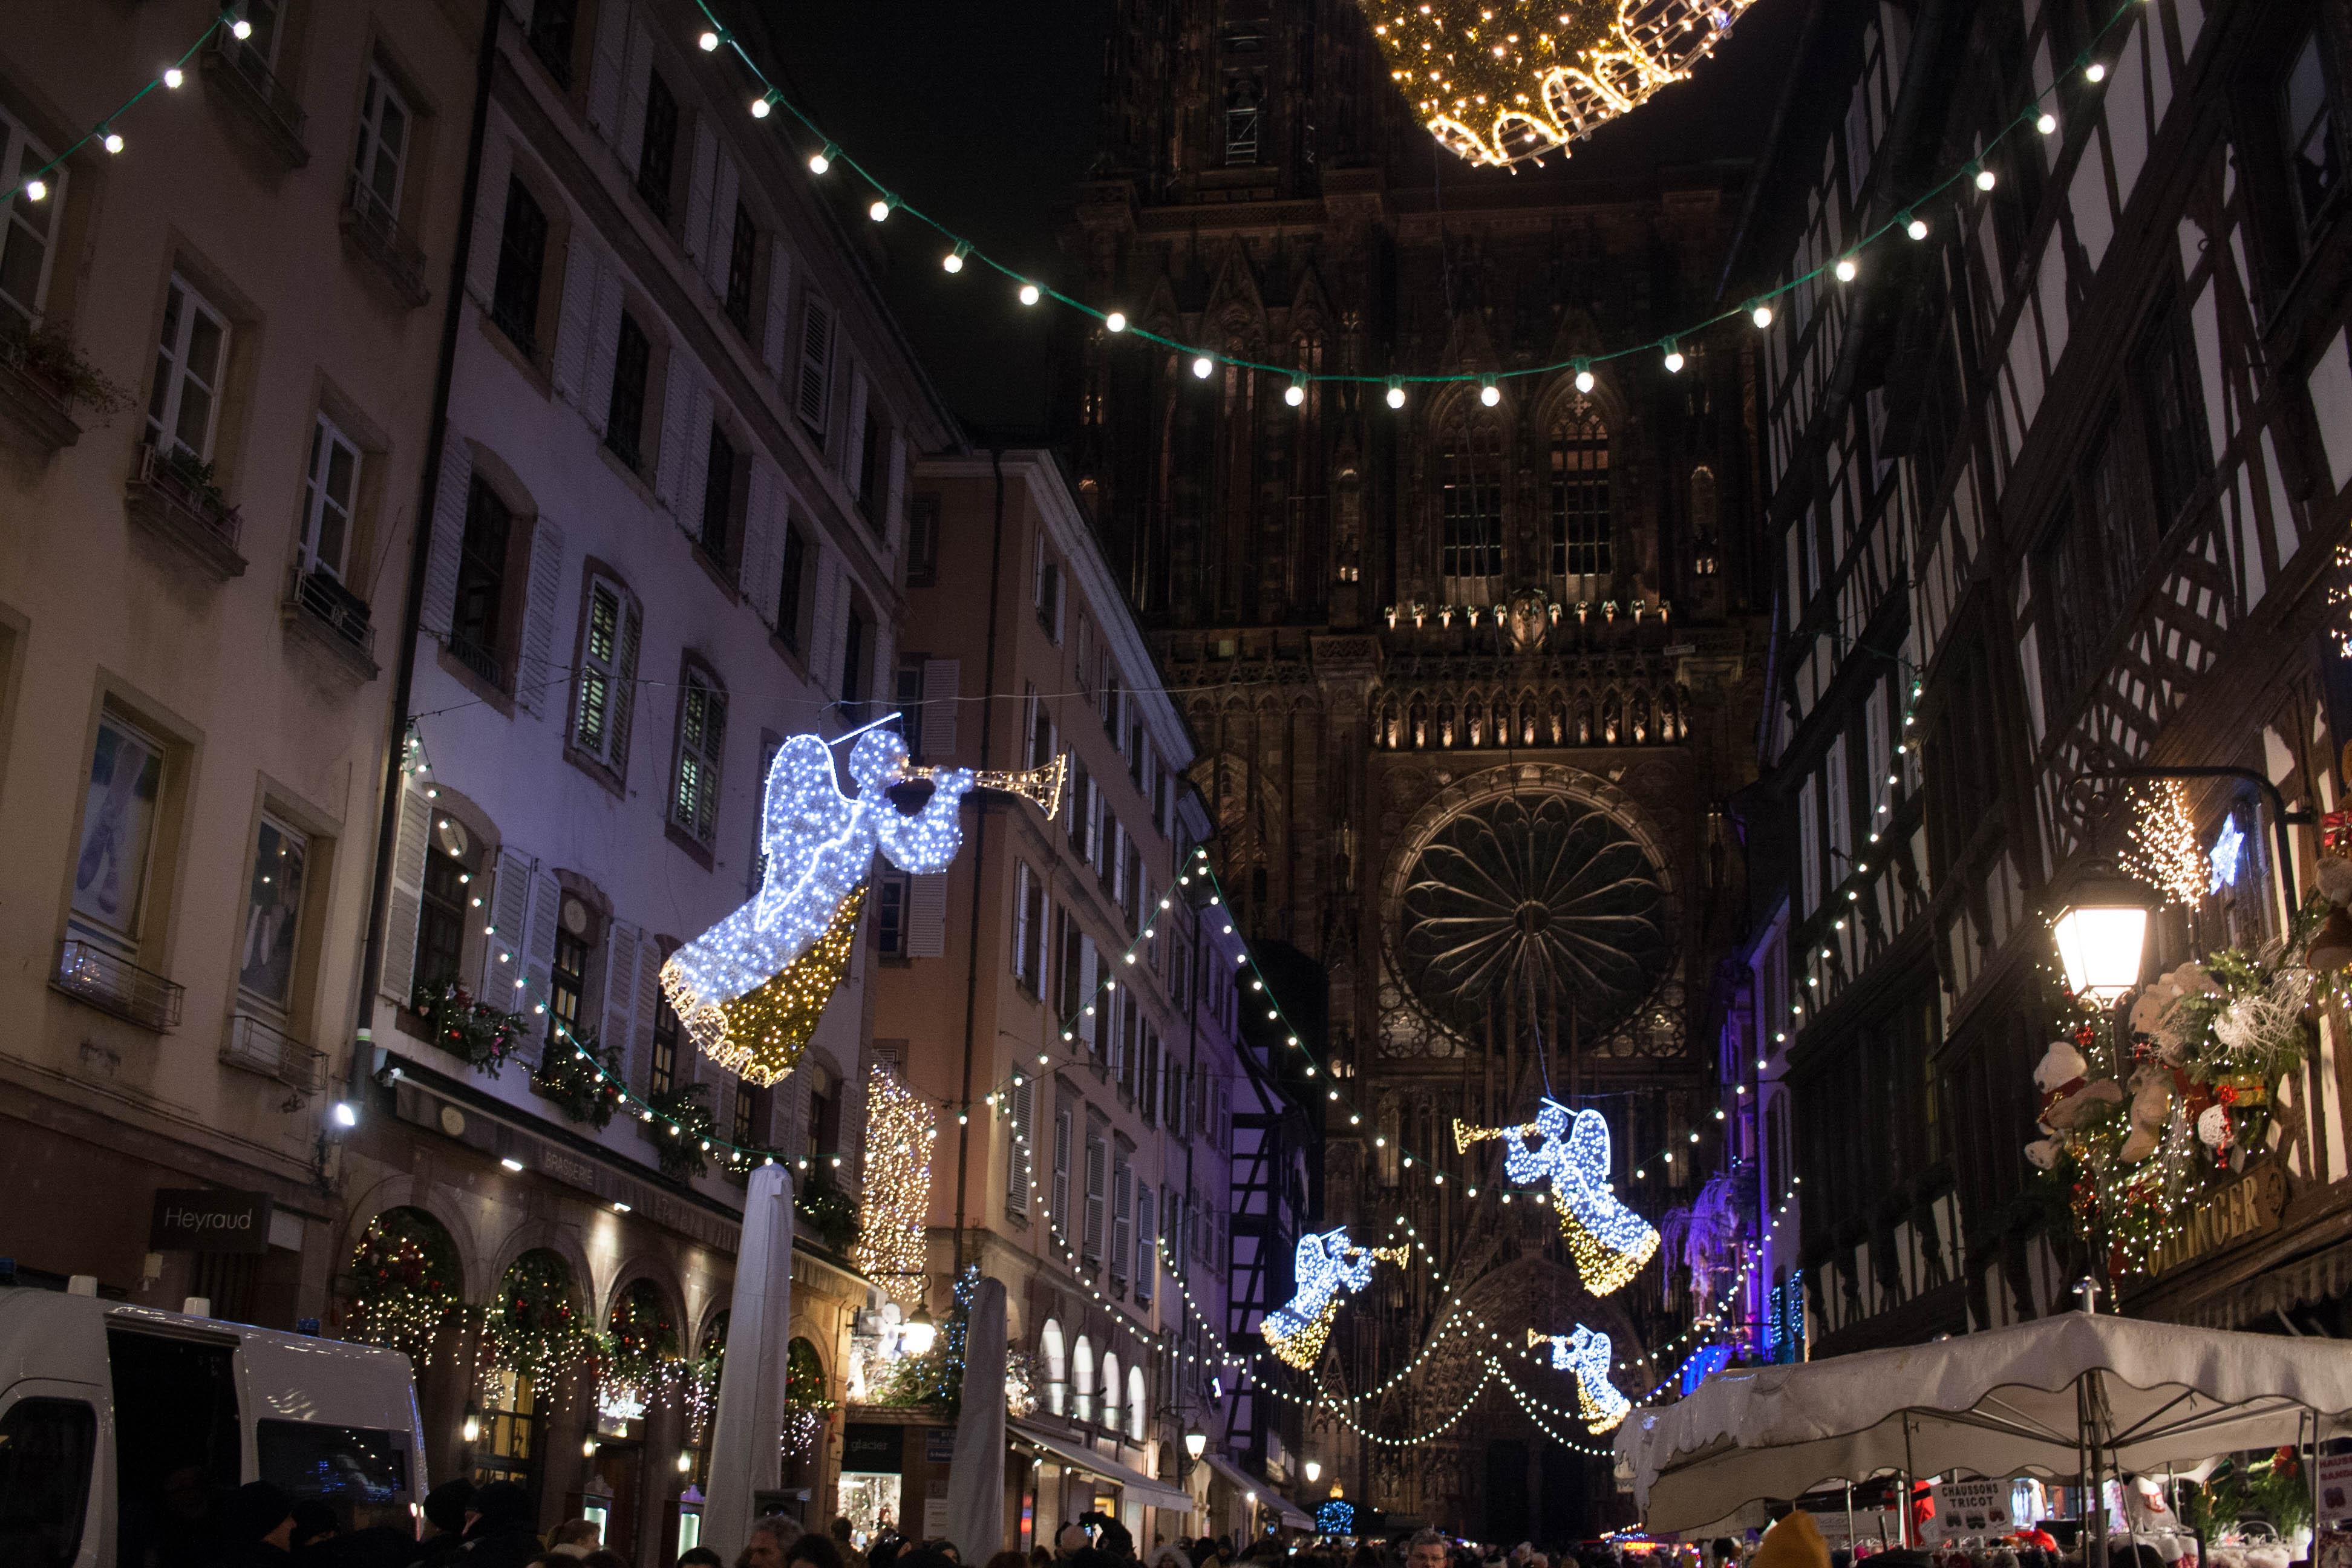 Le marché de Noël de Strasbourg, entre esprit de Noël et foire aux touristes